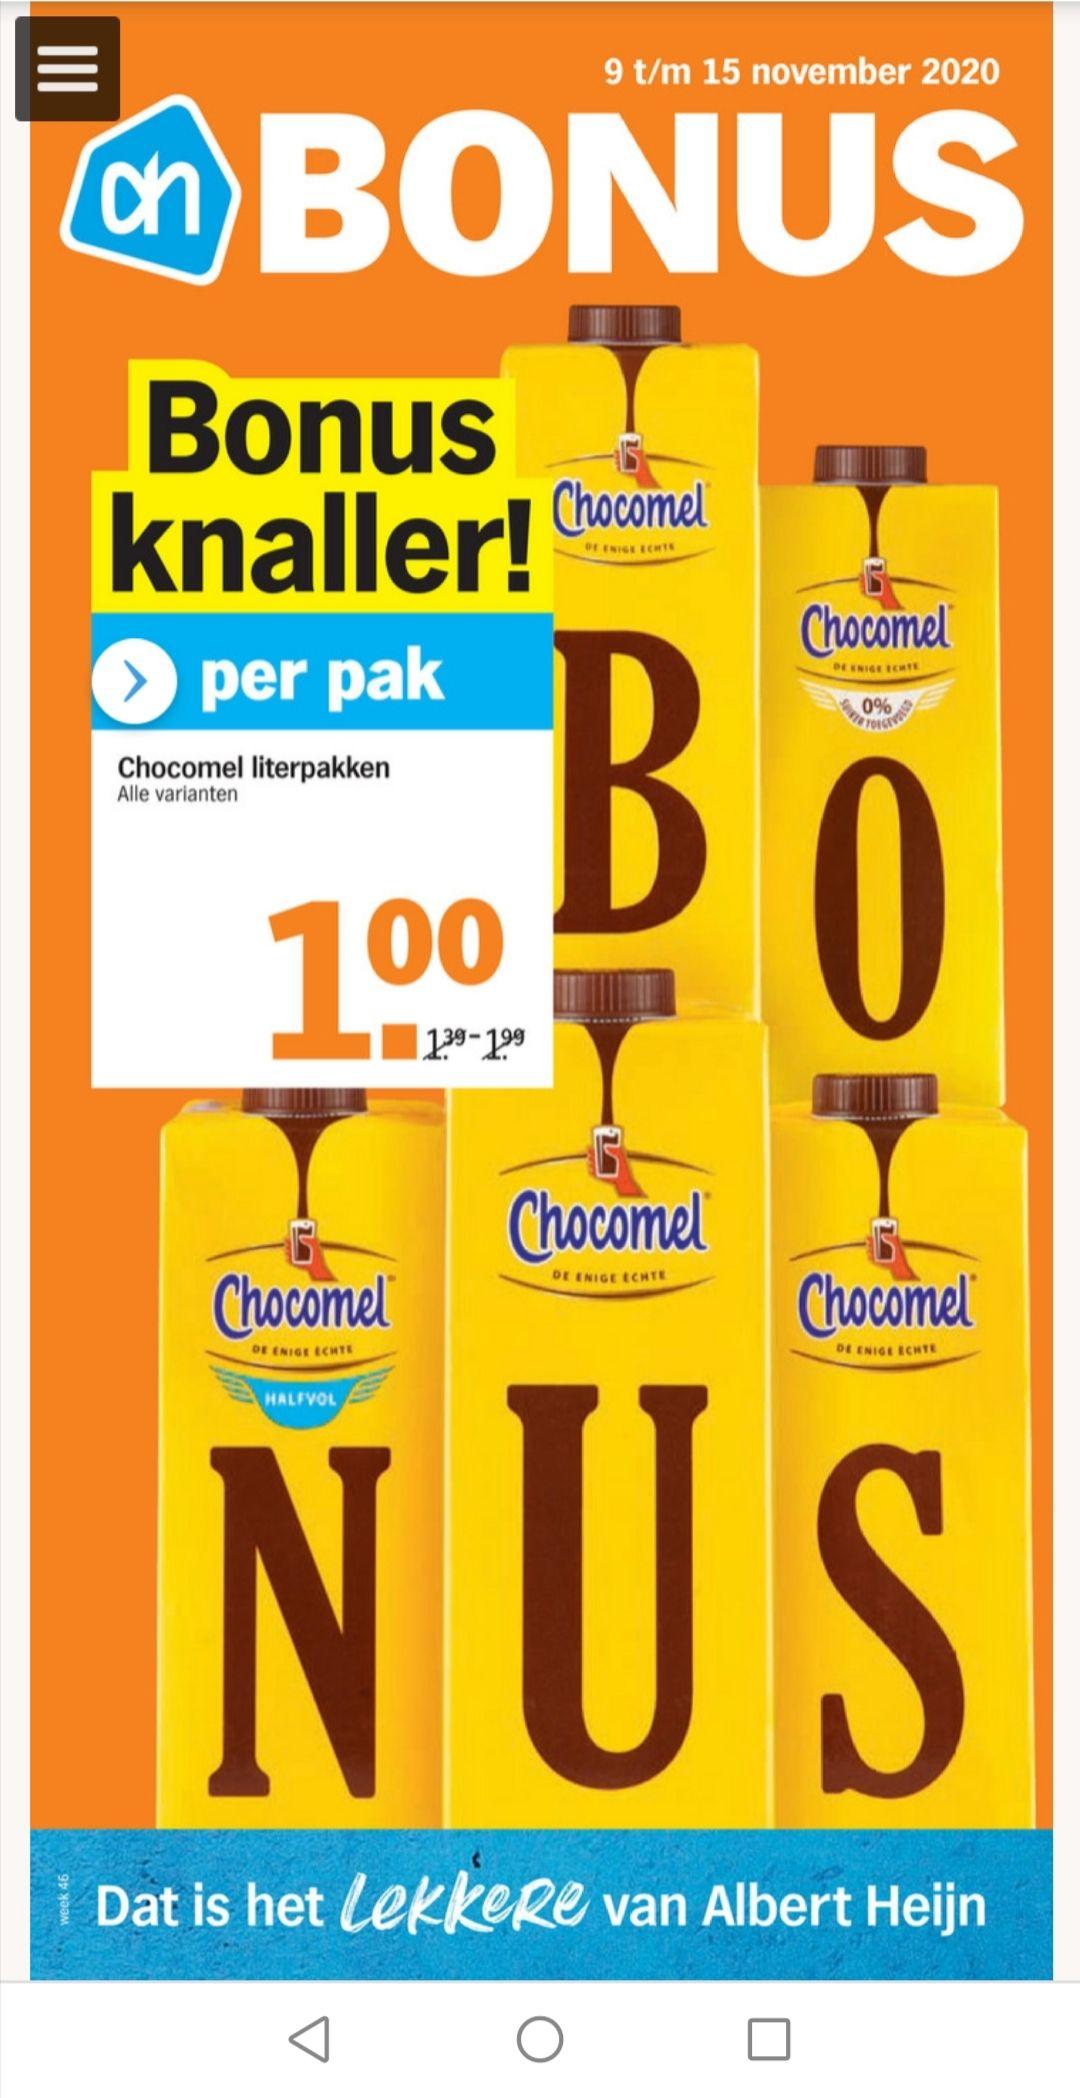 Chocomel literpakken 1 euro